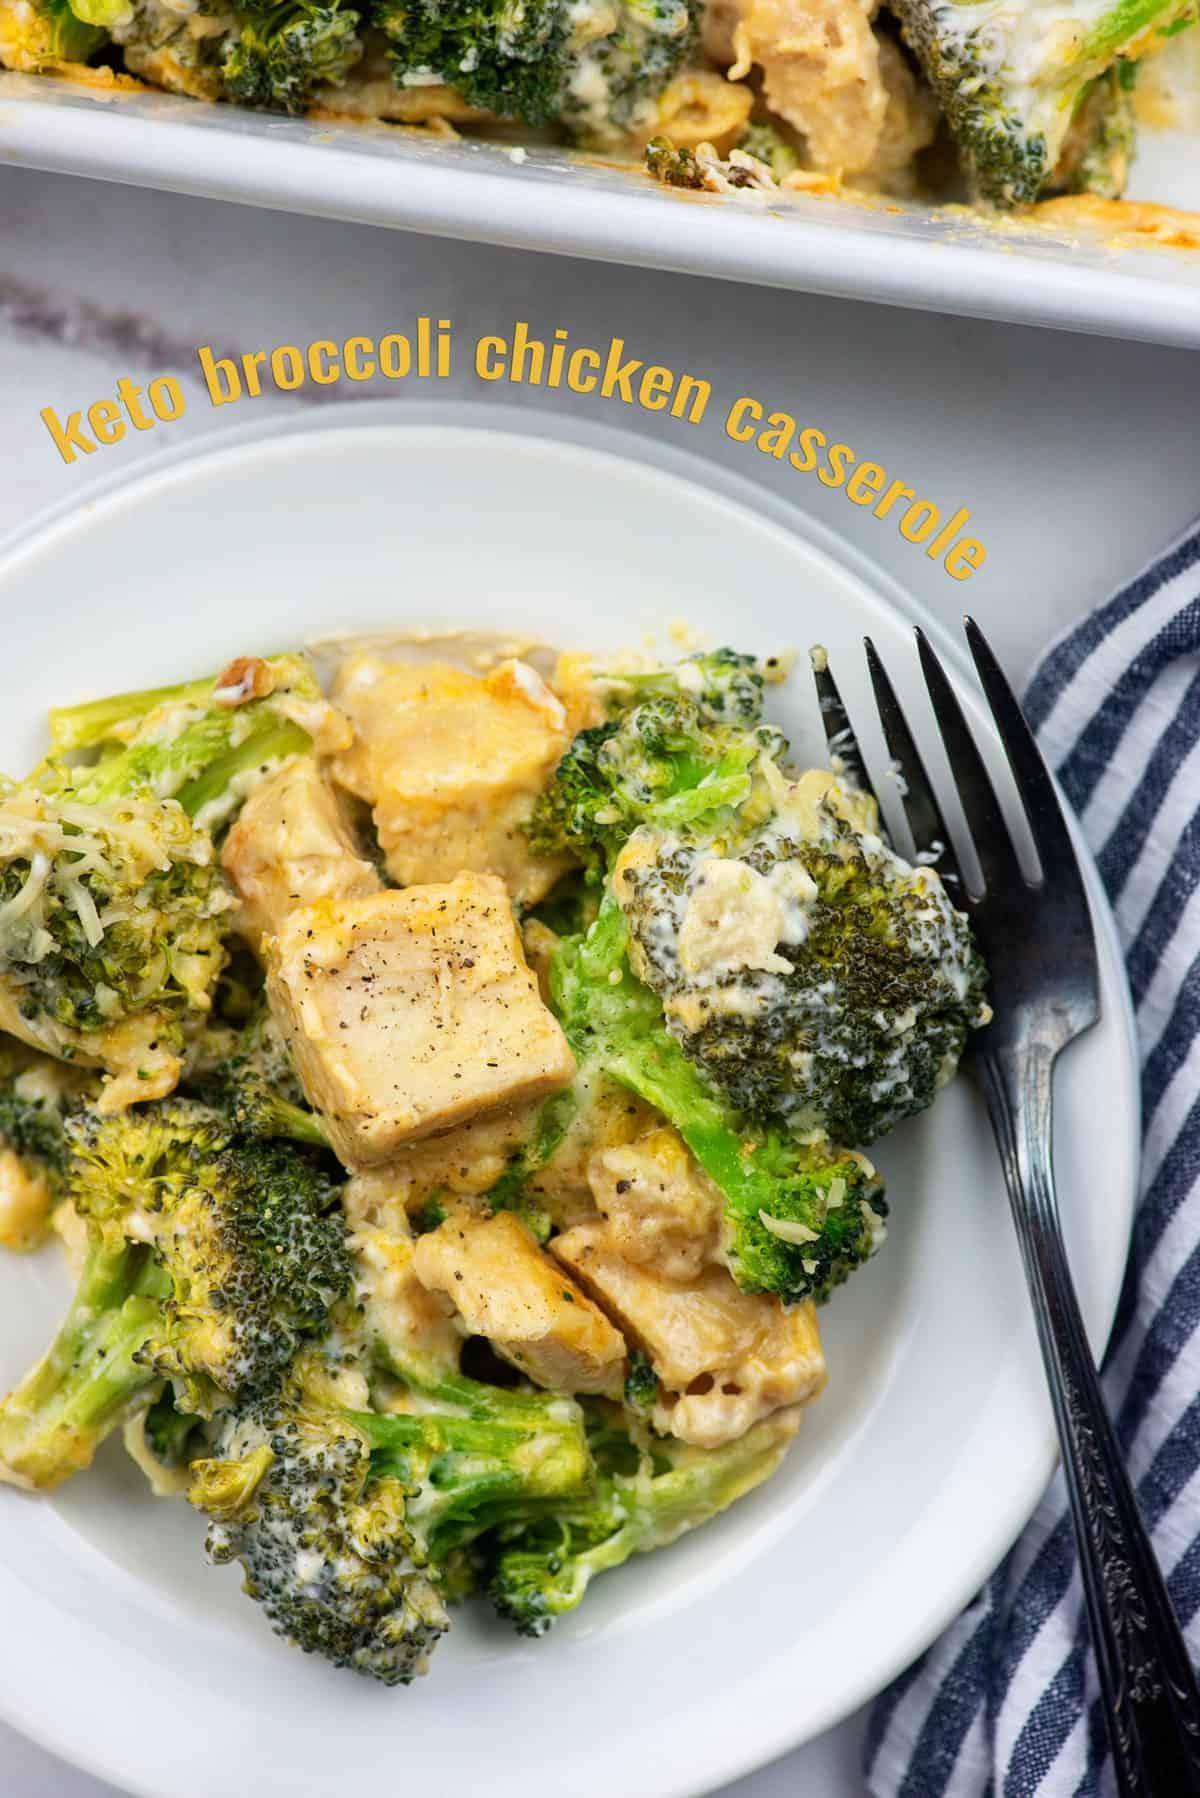 keto broccoli chicken casserole on white plate